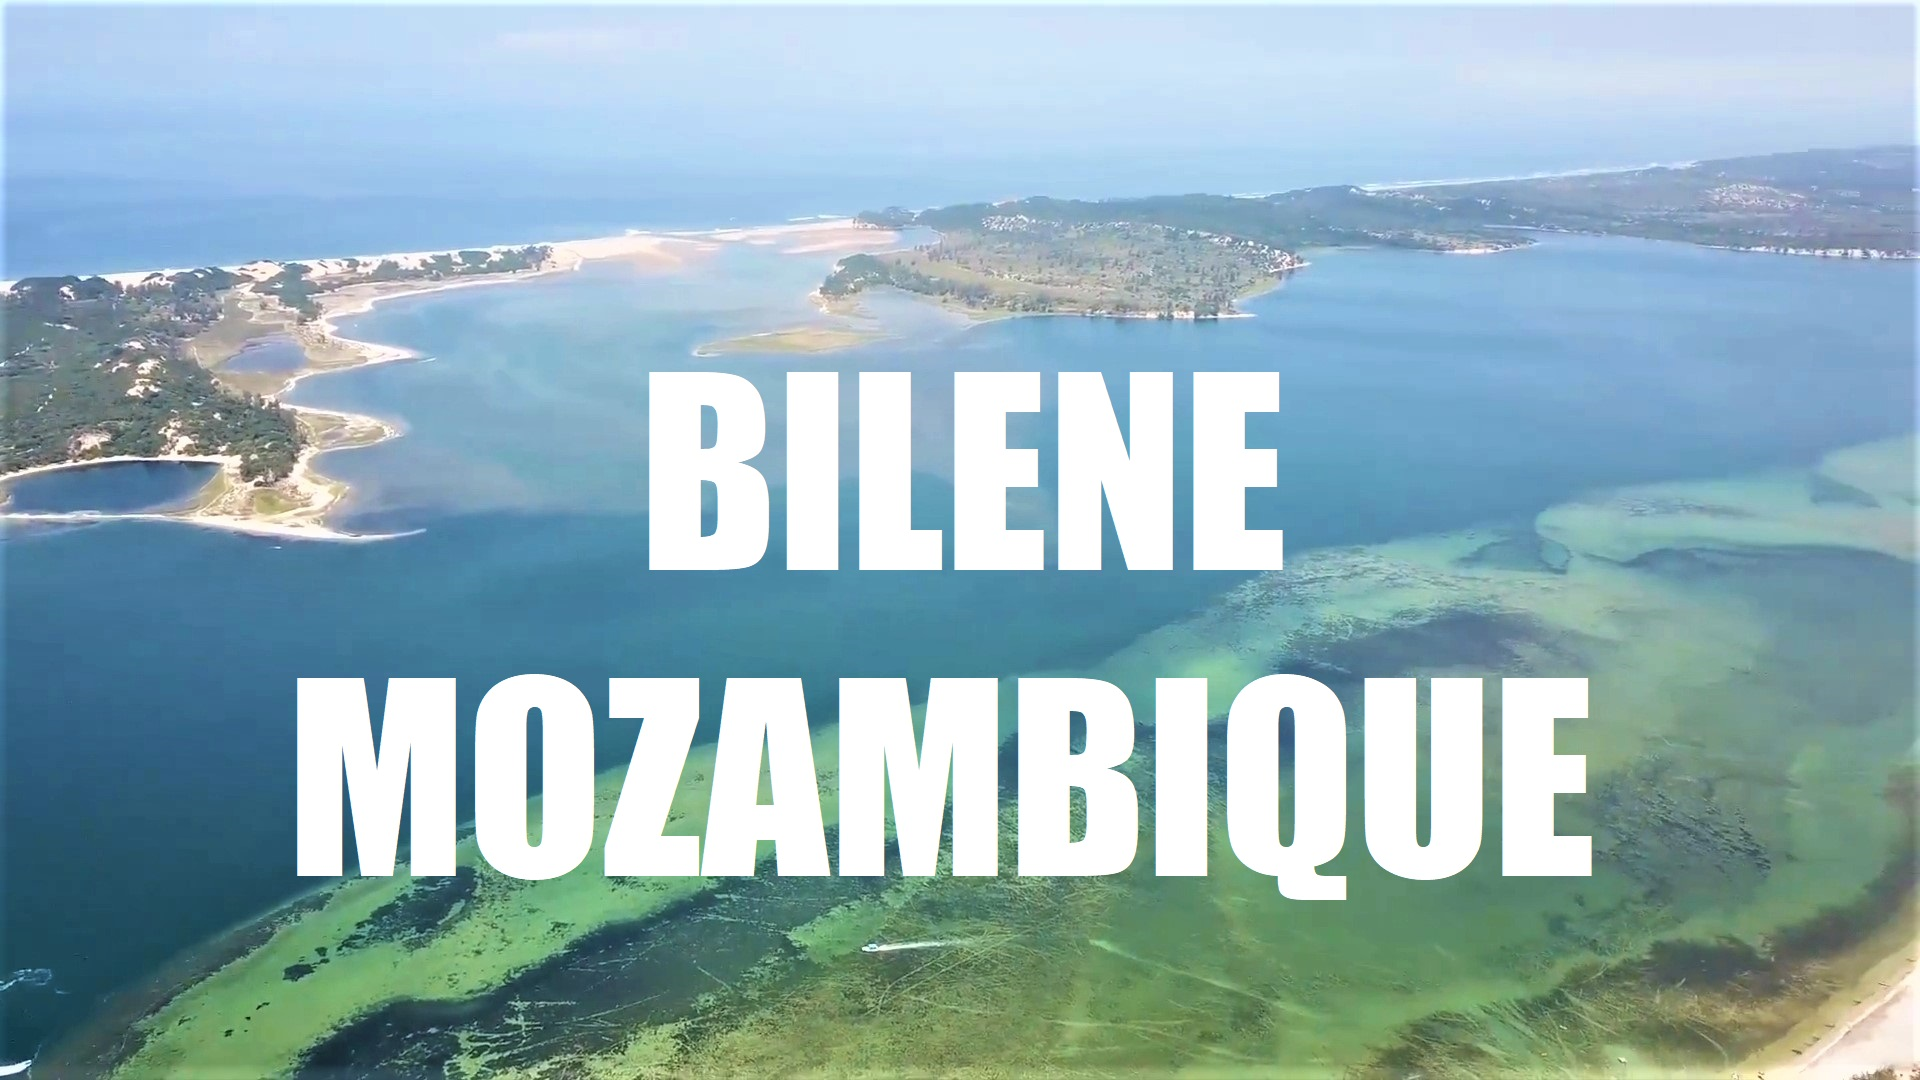 mozambique kite school